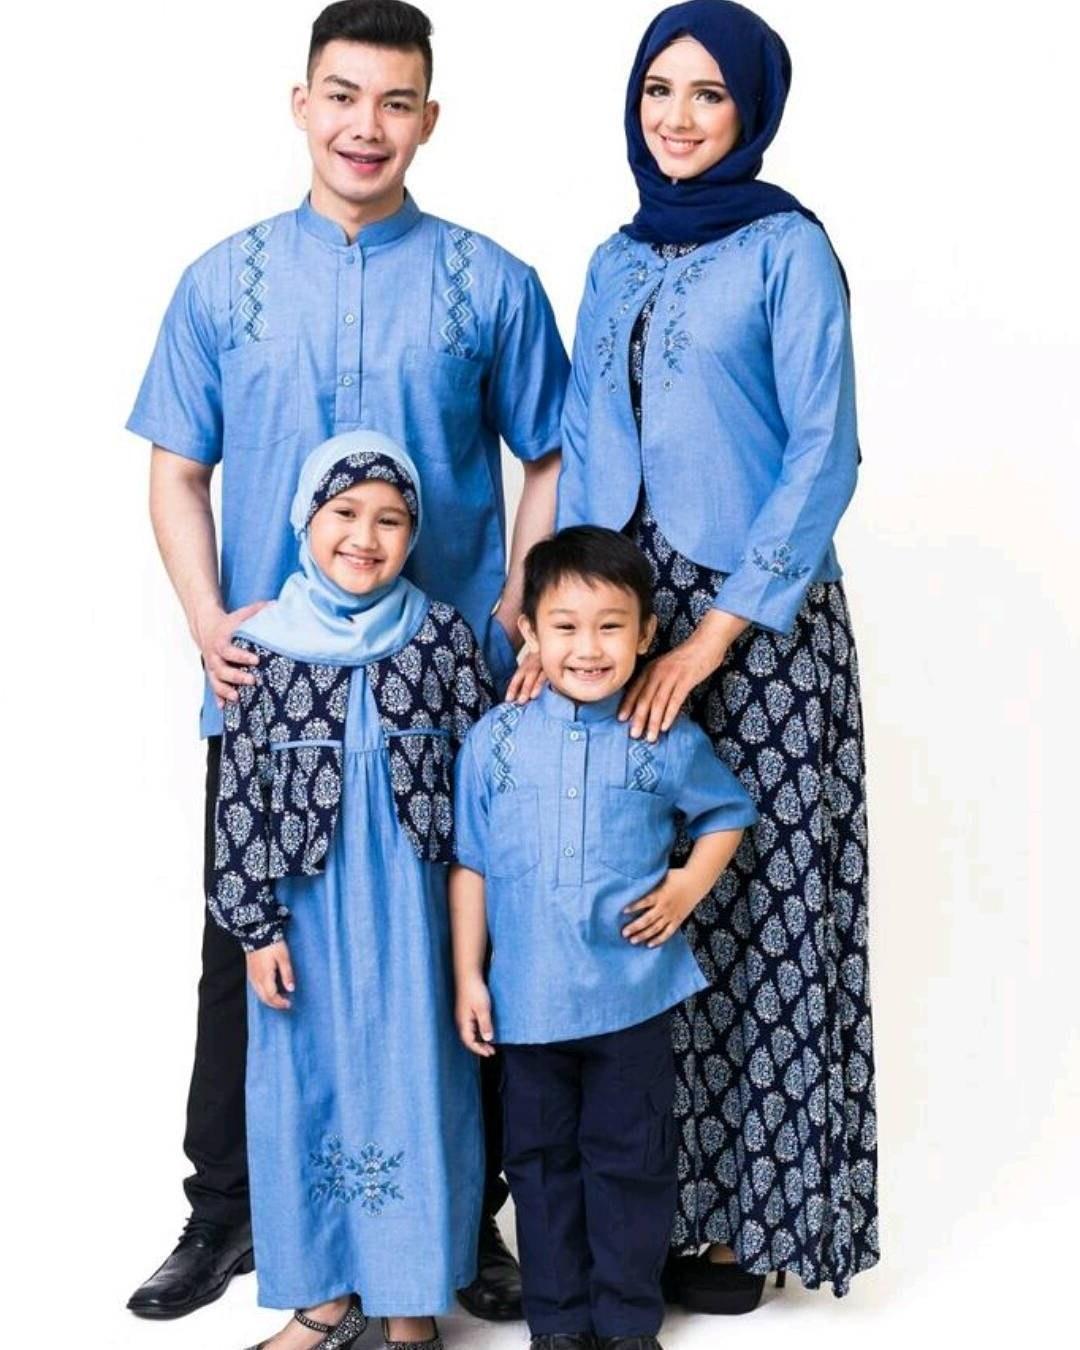 Ide Baju Lebaran 2018 Keluarga T8dj Model Baju Keluarga Untuk Hari Raya Lebaran 2018